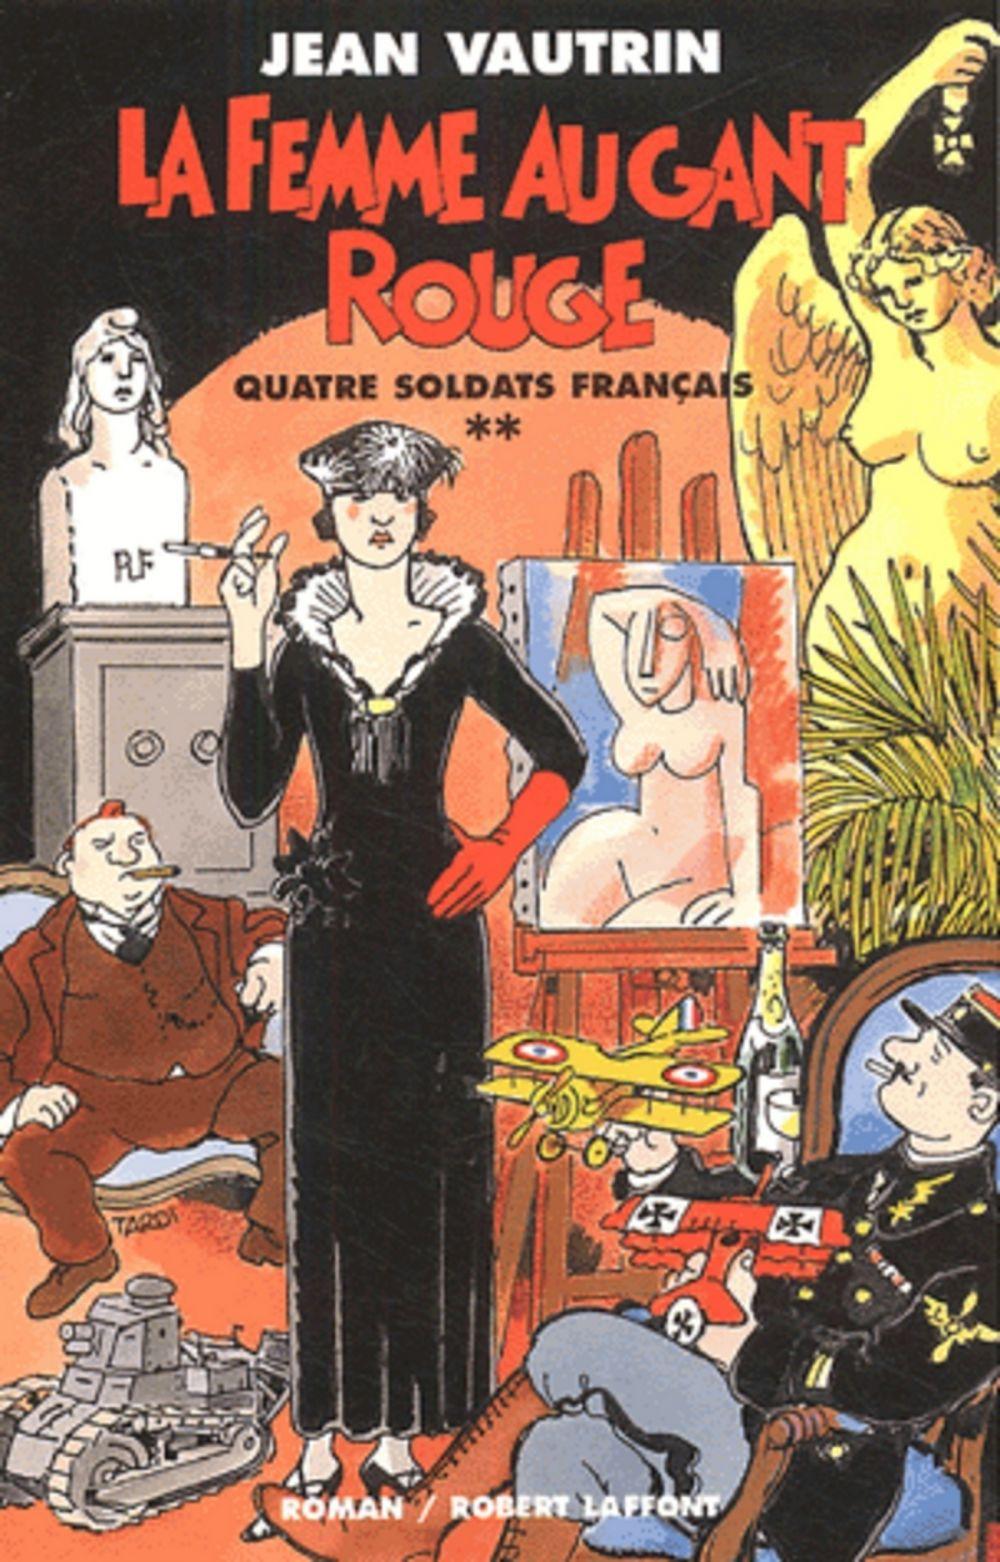 La femme au gant rouge - Quatre soldats français - T2 | Vautrin, Jean (1933-2015). Auteur